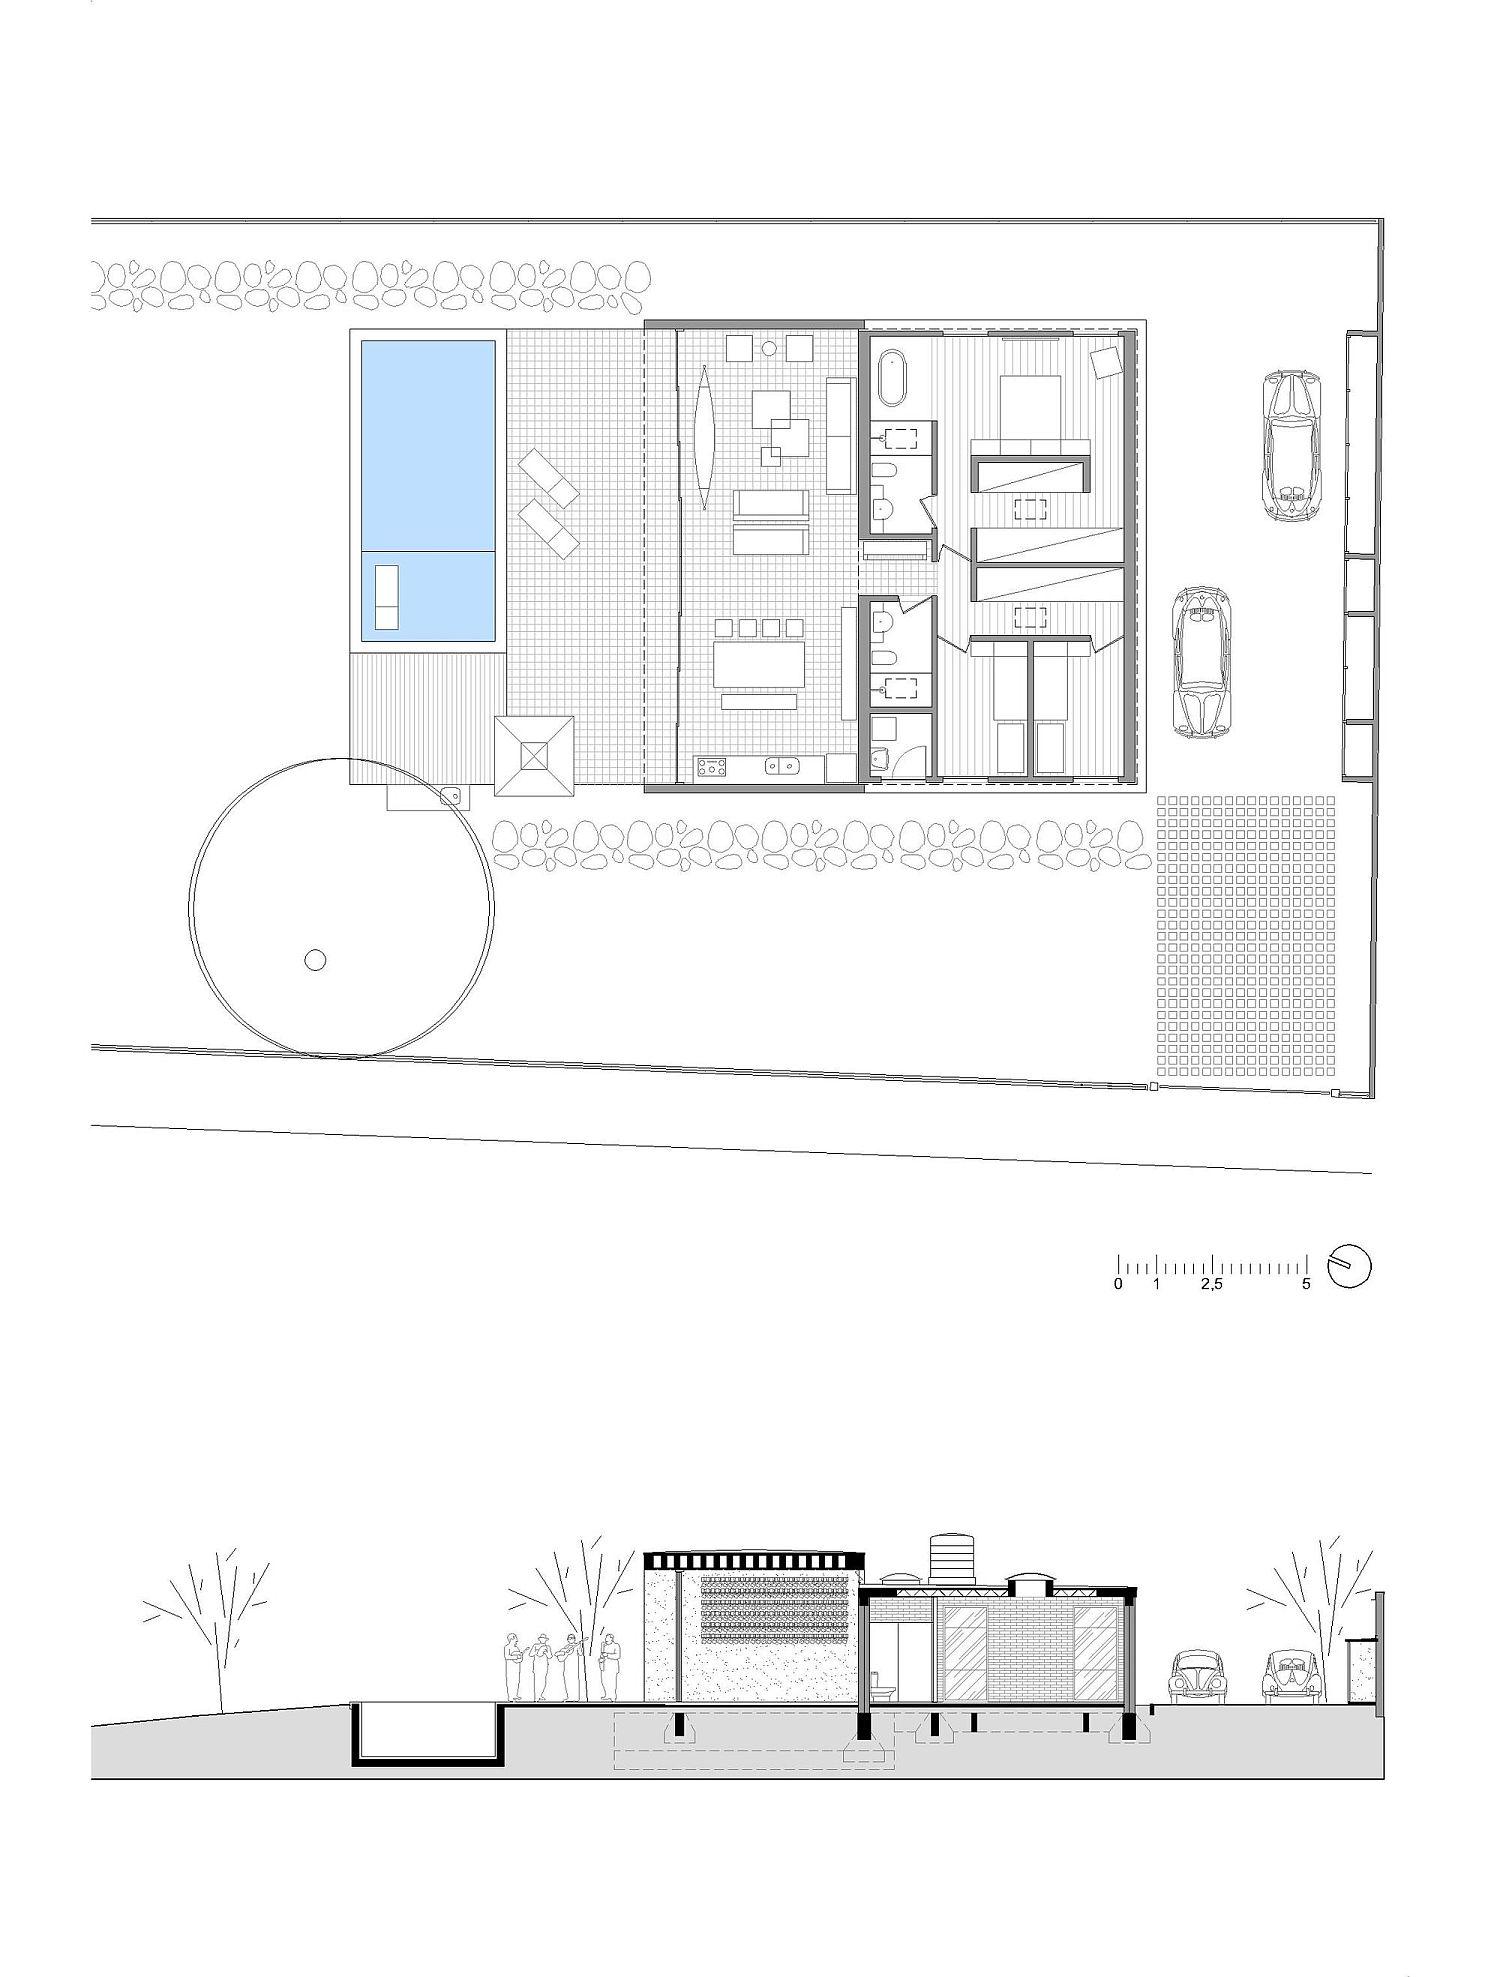 Floor plan of Mugs House in Tatuí, Brazil